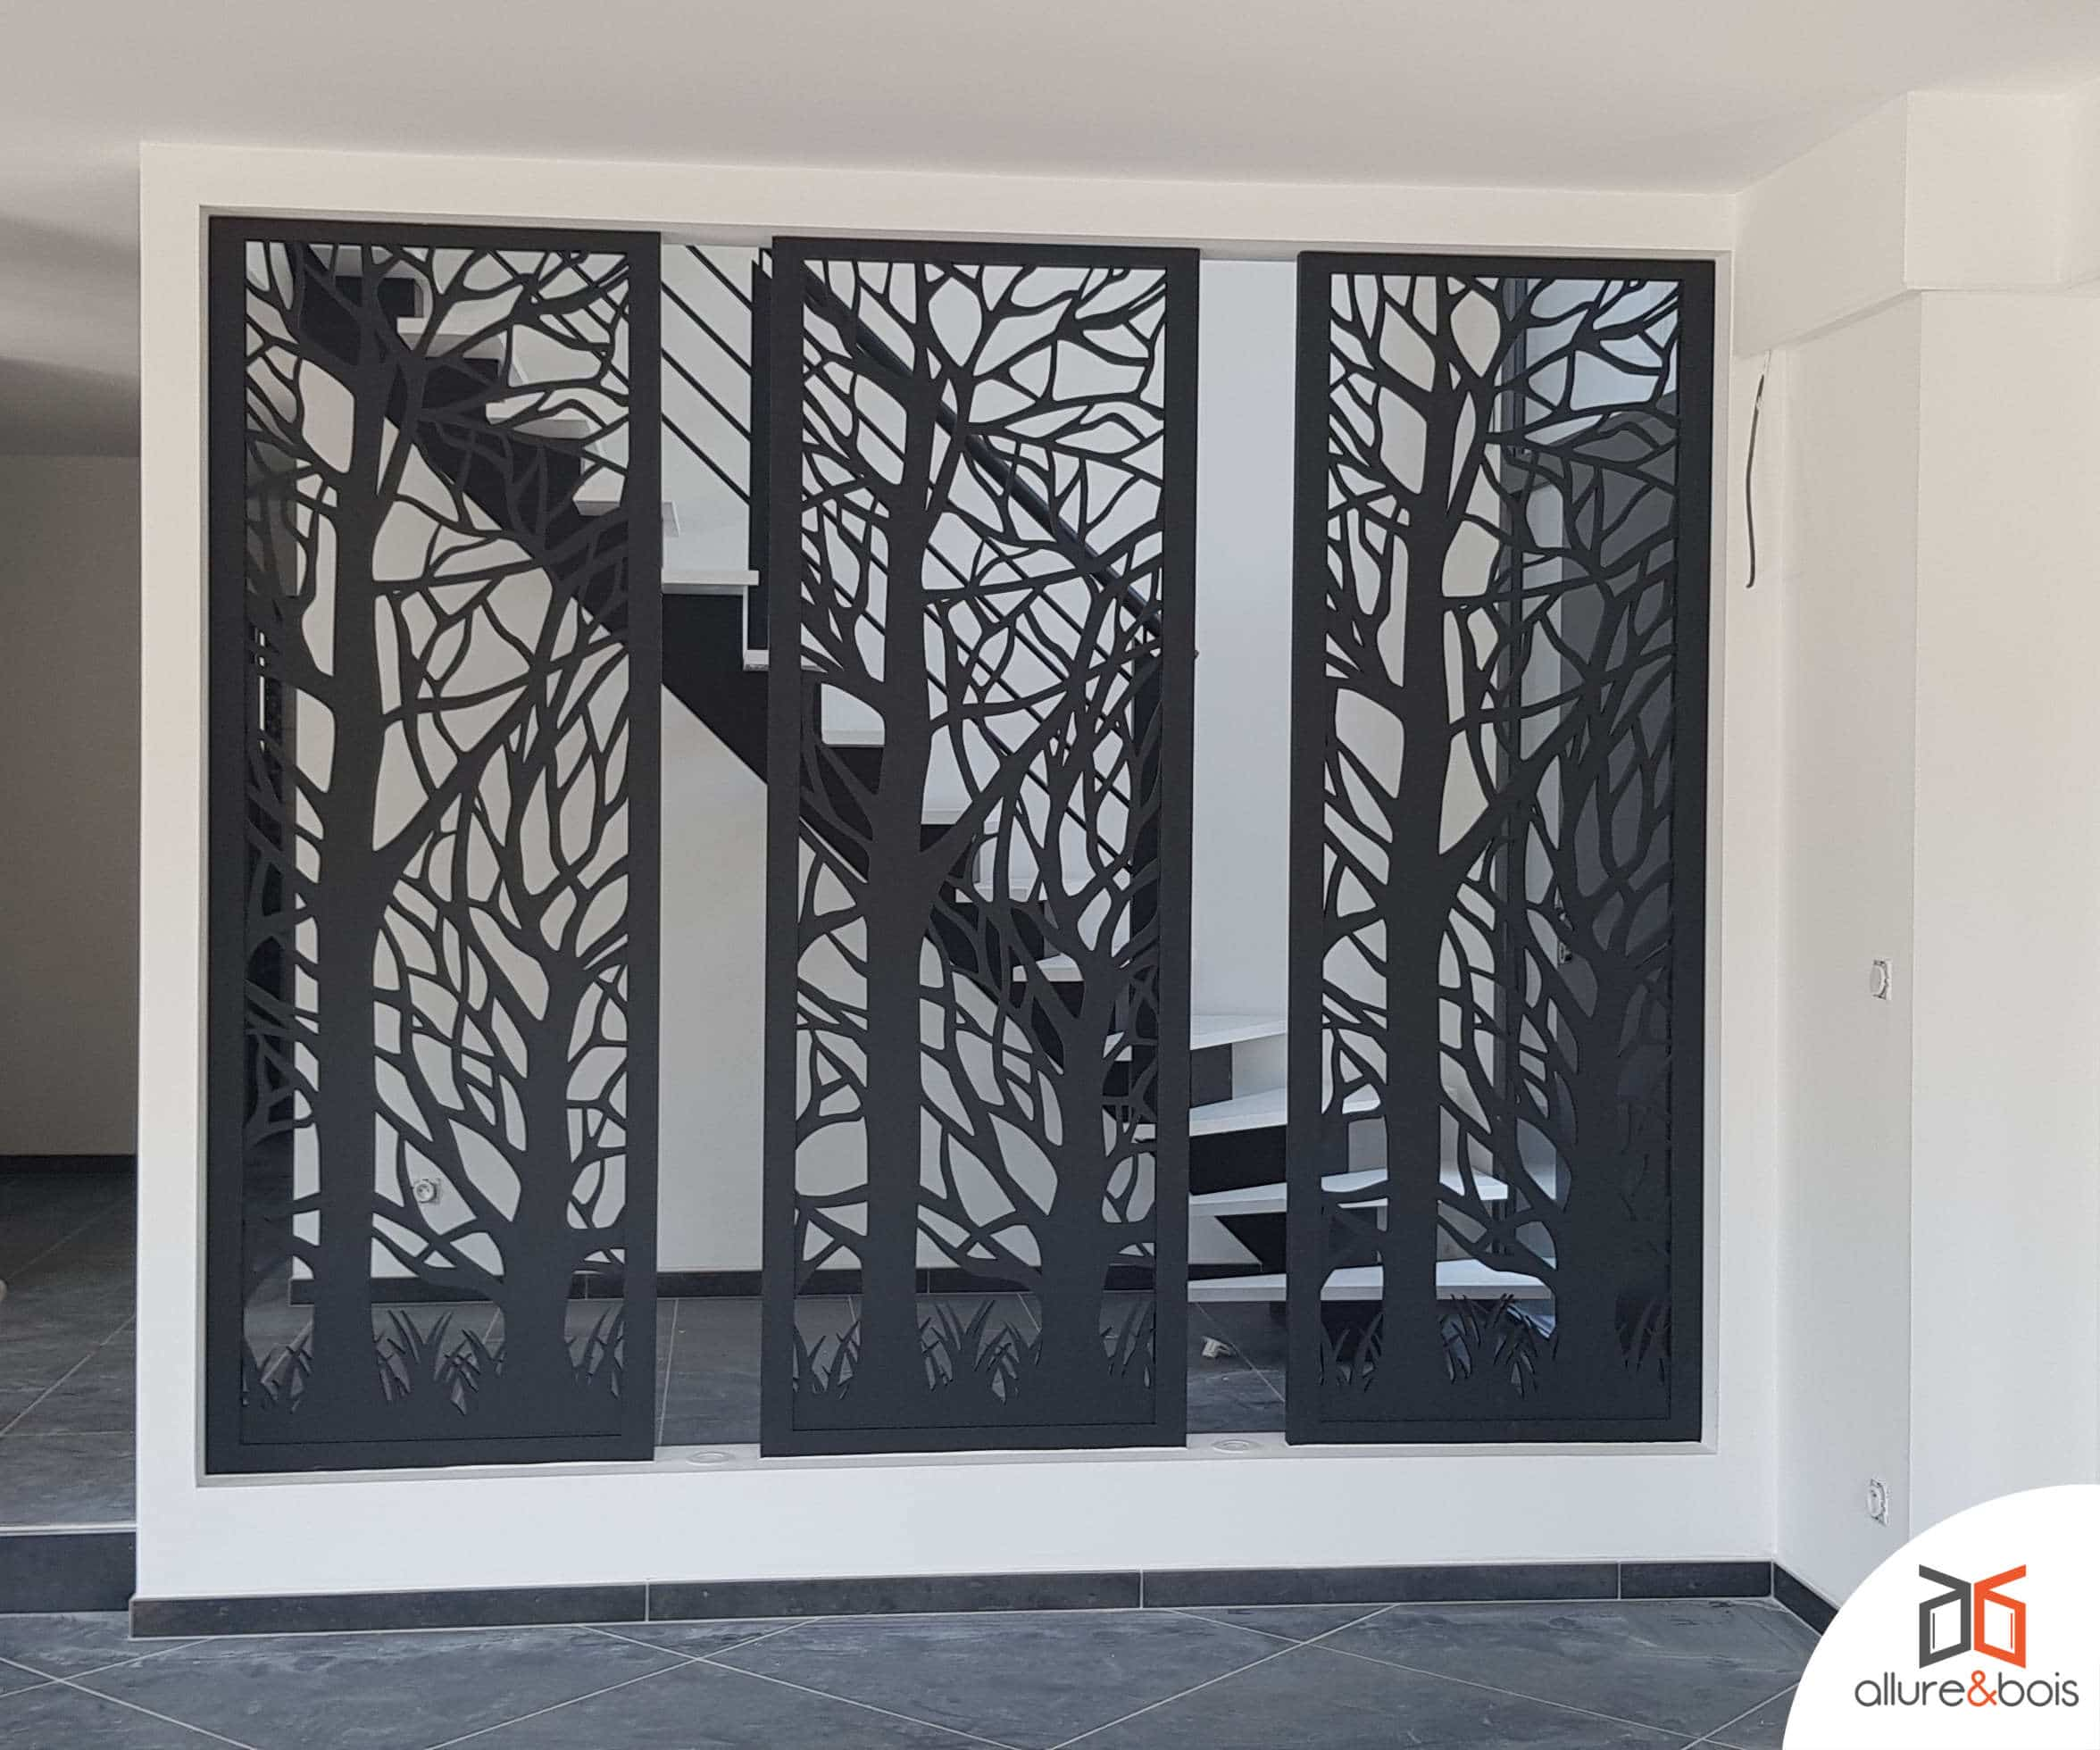 cloison-ajourée-triptyque-arbres